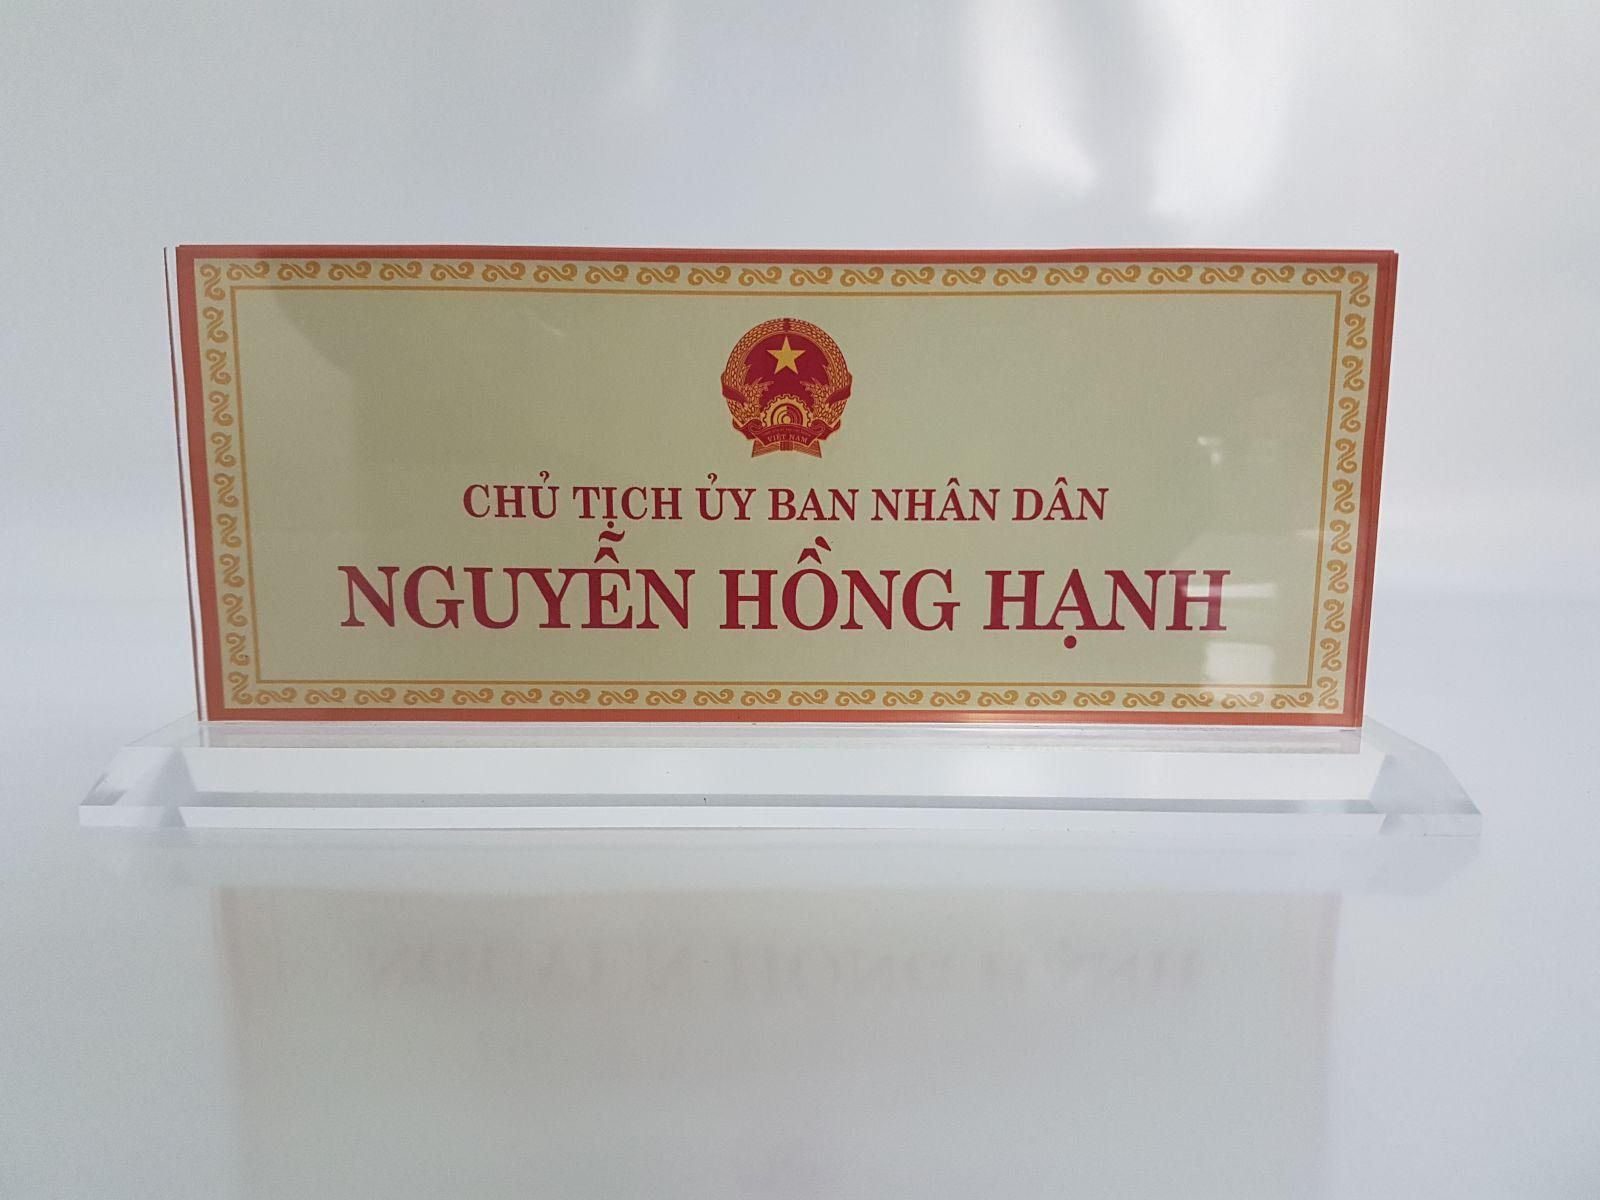 Biển chức danh Mica giá rẻ tại Hà Nội